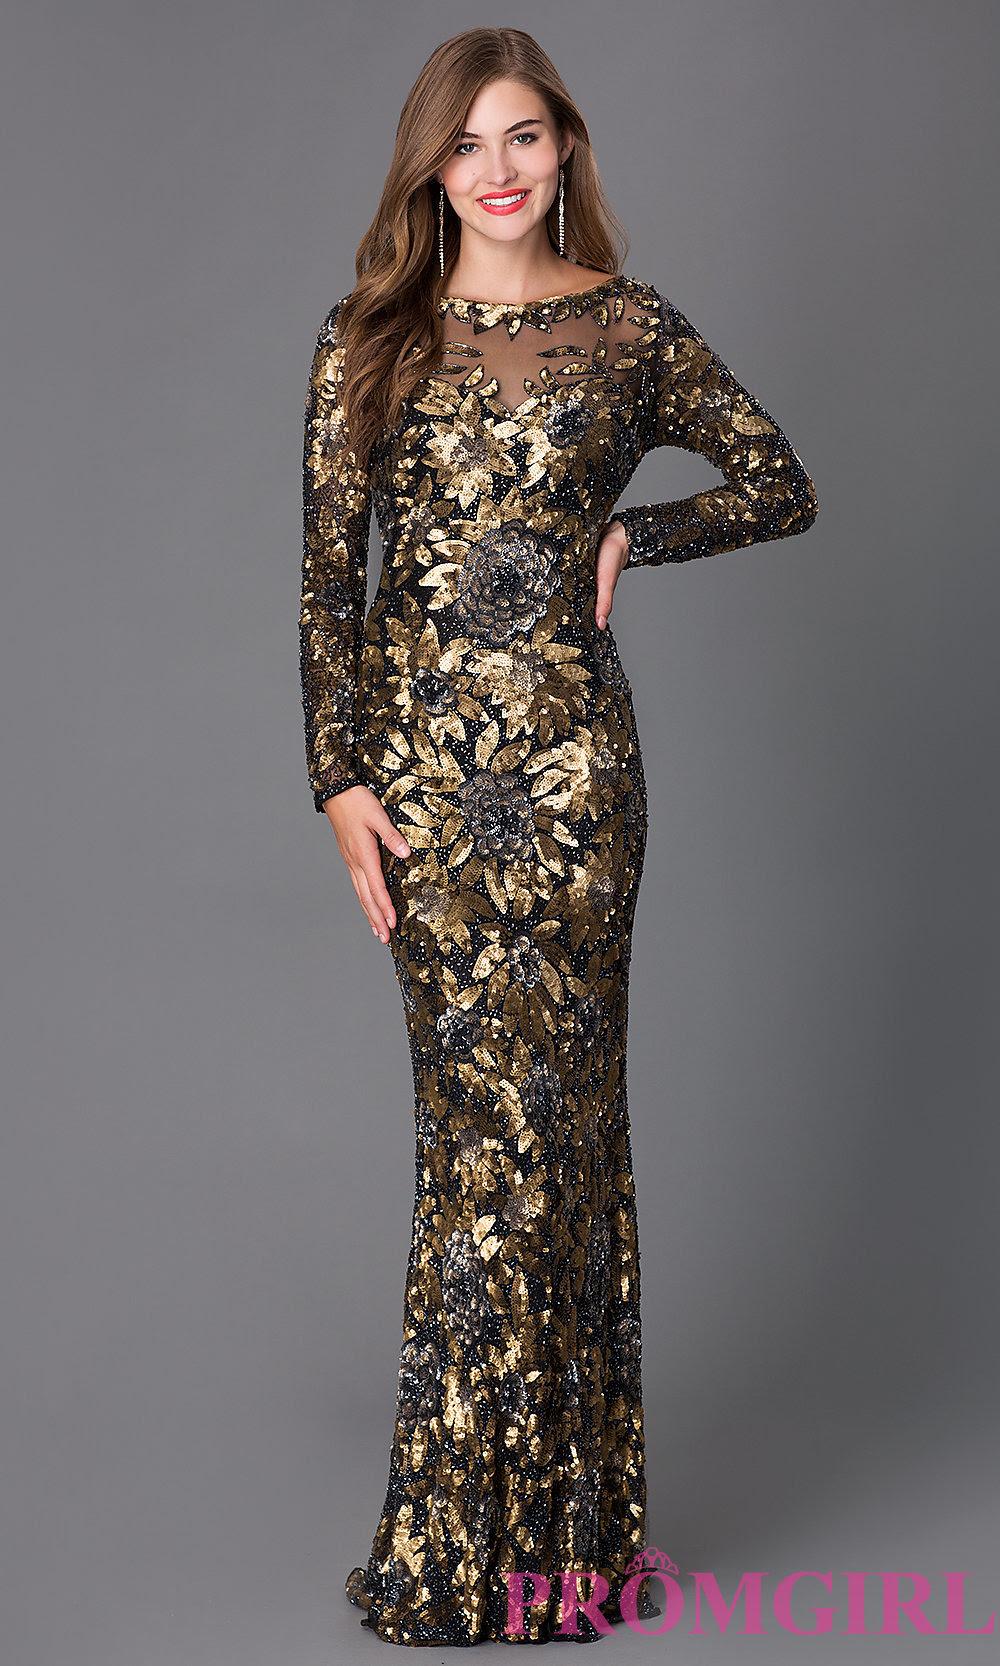 Sequin Dresses Designs 2